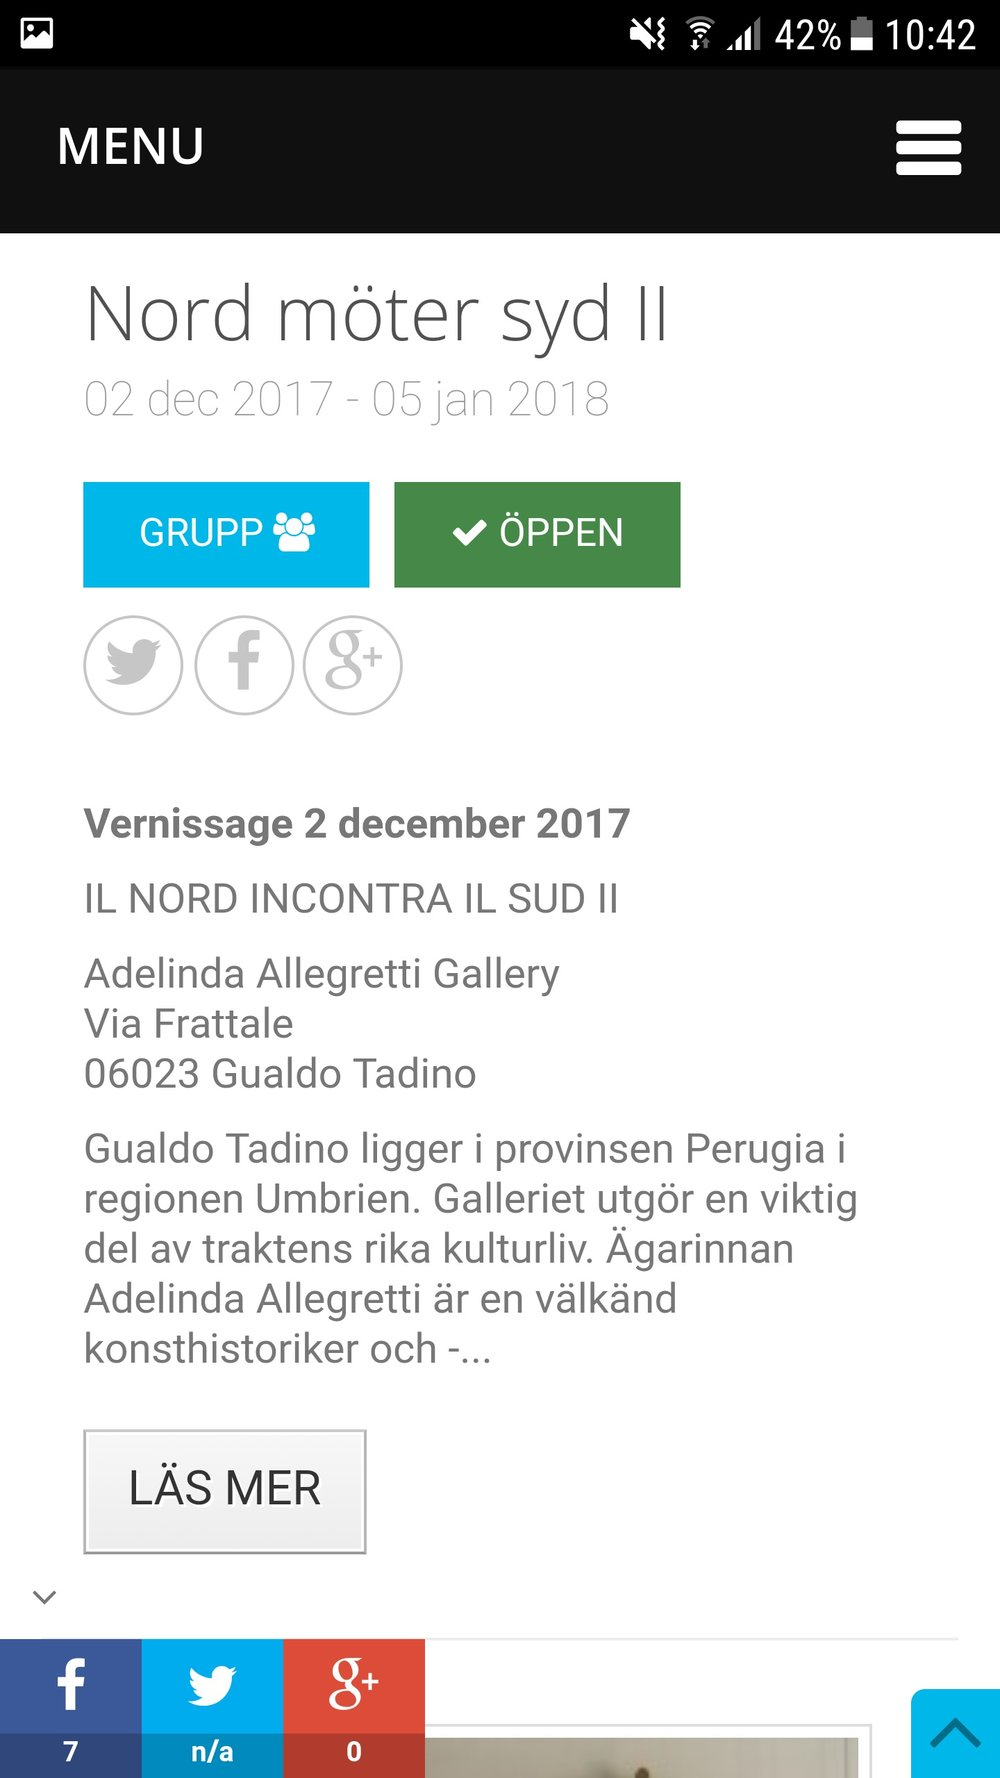 En ny utställning på gång nu i december, arrangör Artnetco och även denna i Italien. www.artnetco.eu/sv/exhibitions/57/nord-moter-syd-ii.html